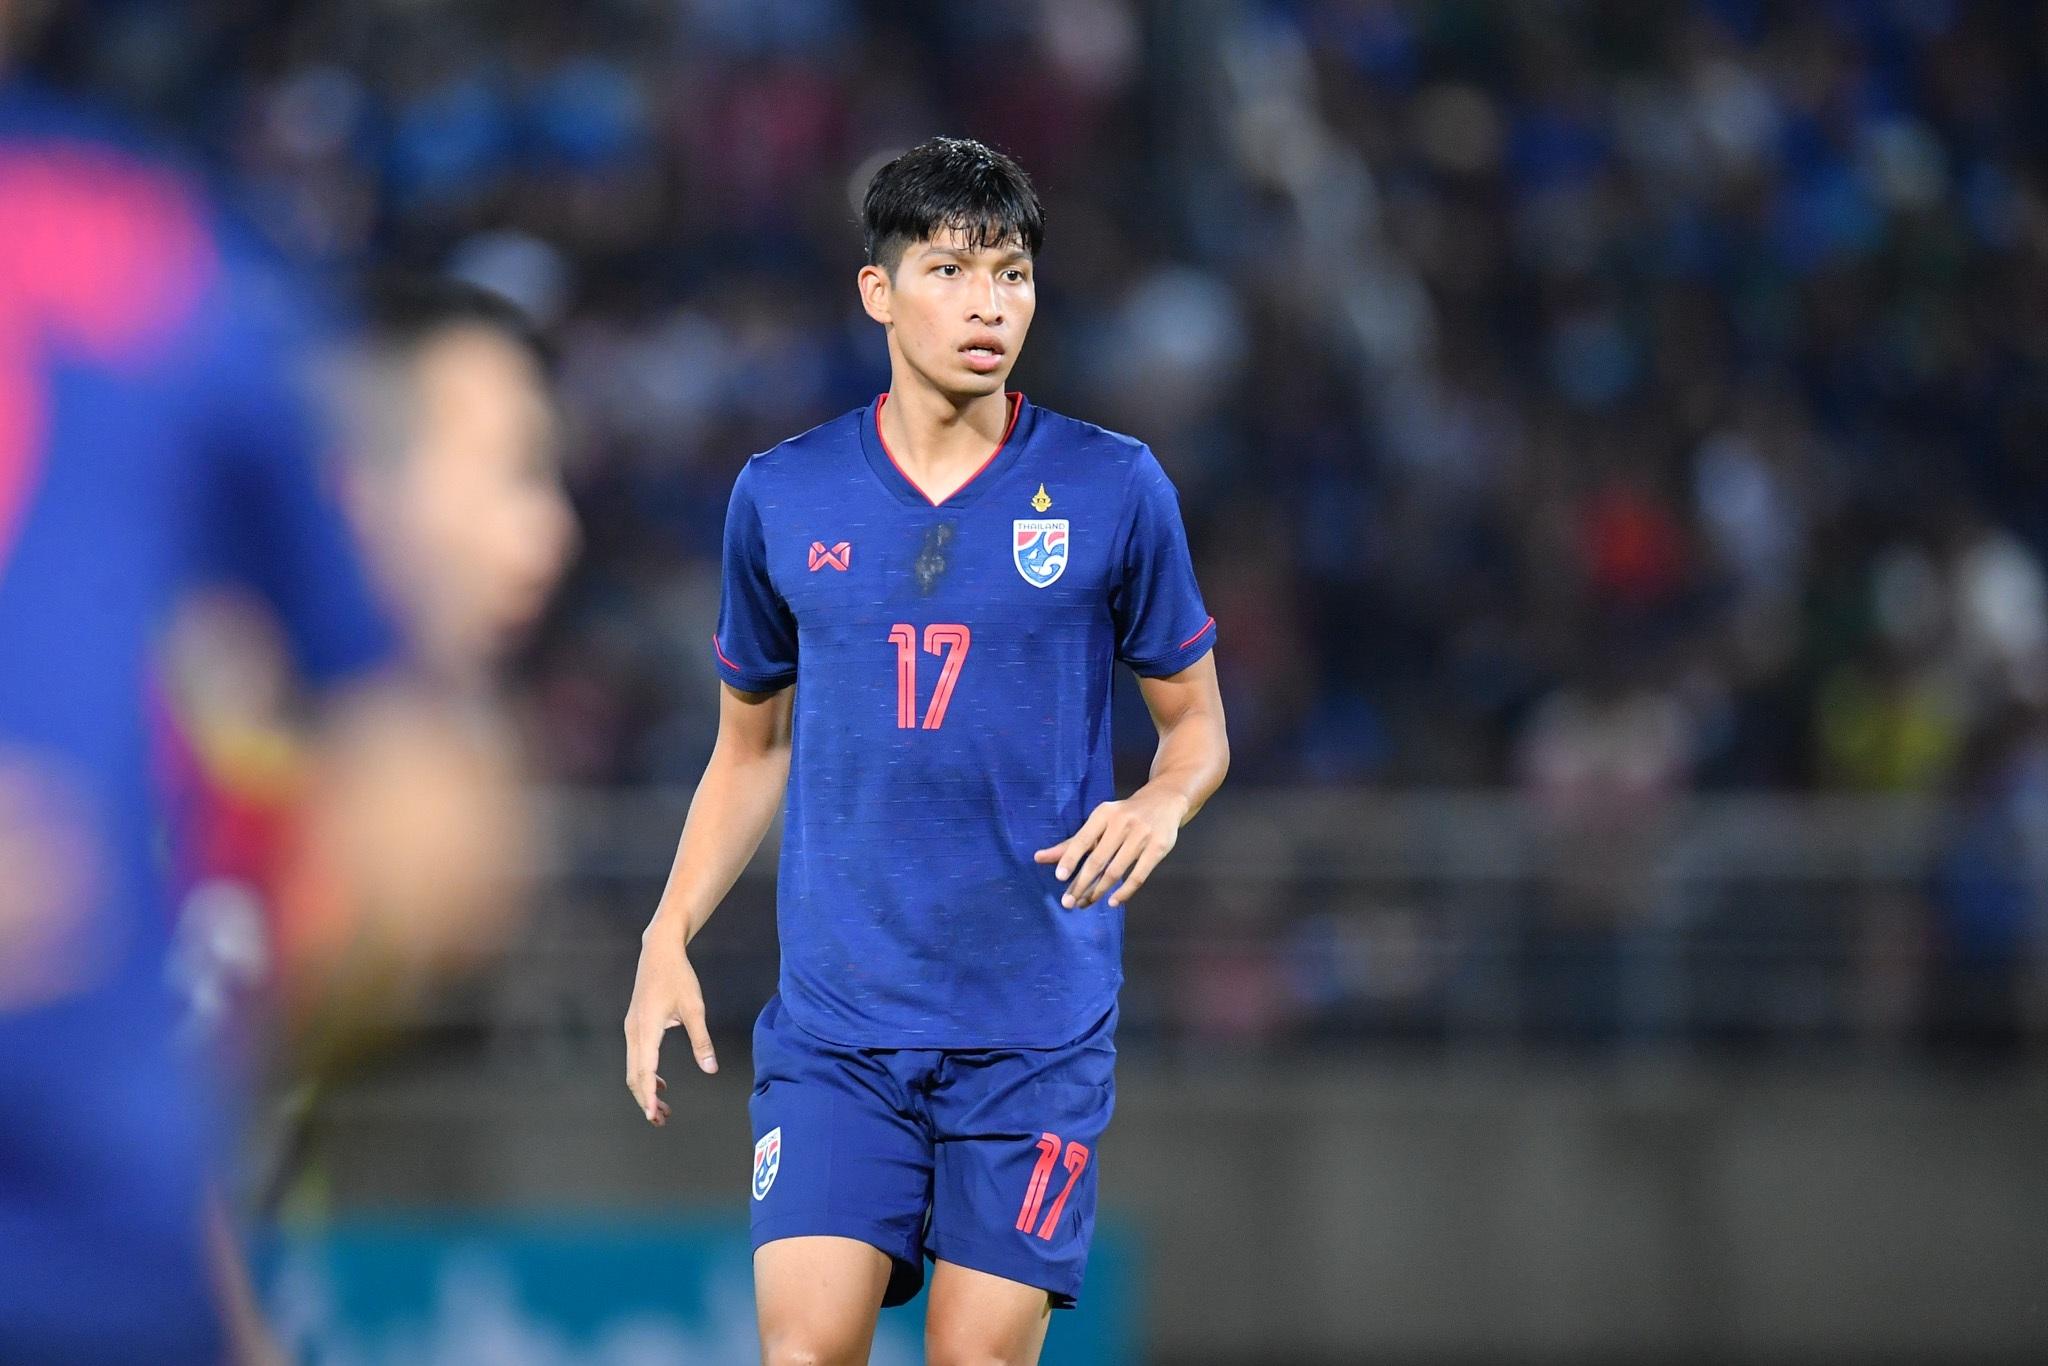 คัดบอลโลก ทีมชาติไทย ธนบูรณ์ เกษารัตน์